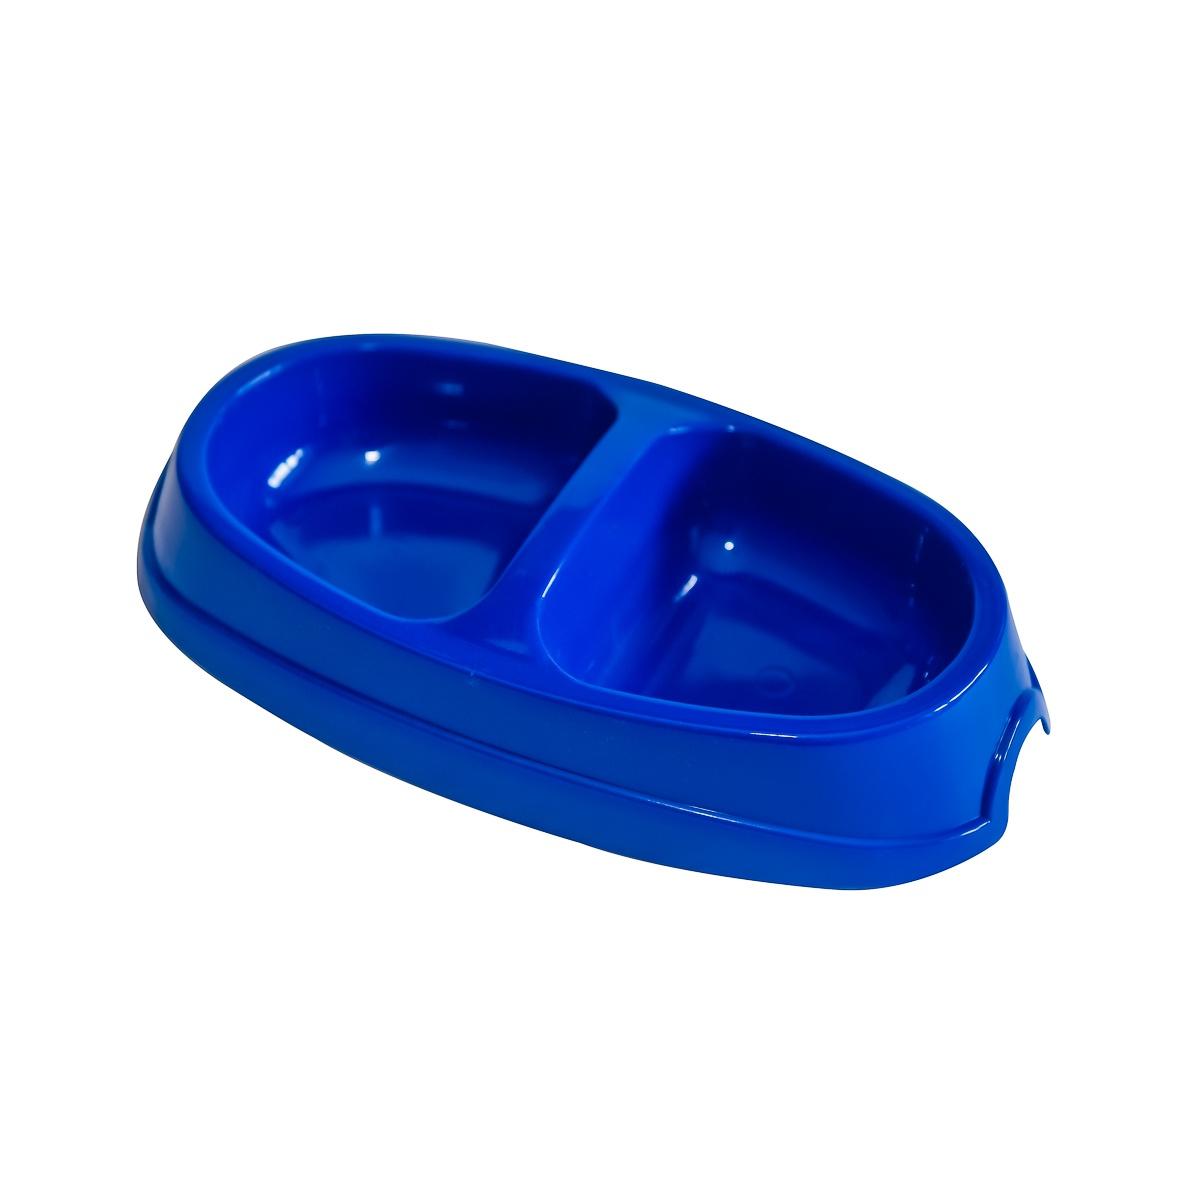 Миска для животных киспис из антибактериального экопластика, двойная, 200мл. + 200мл, темно-синий